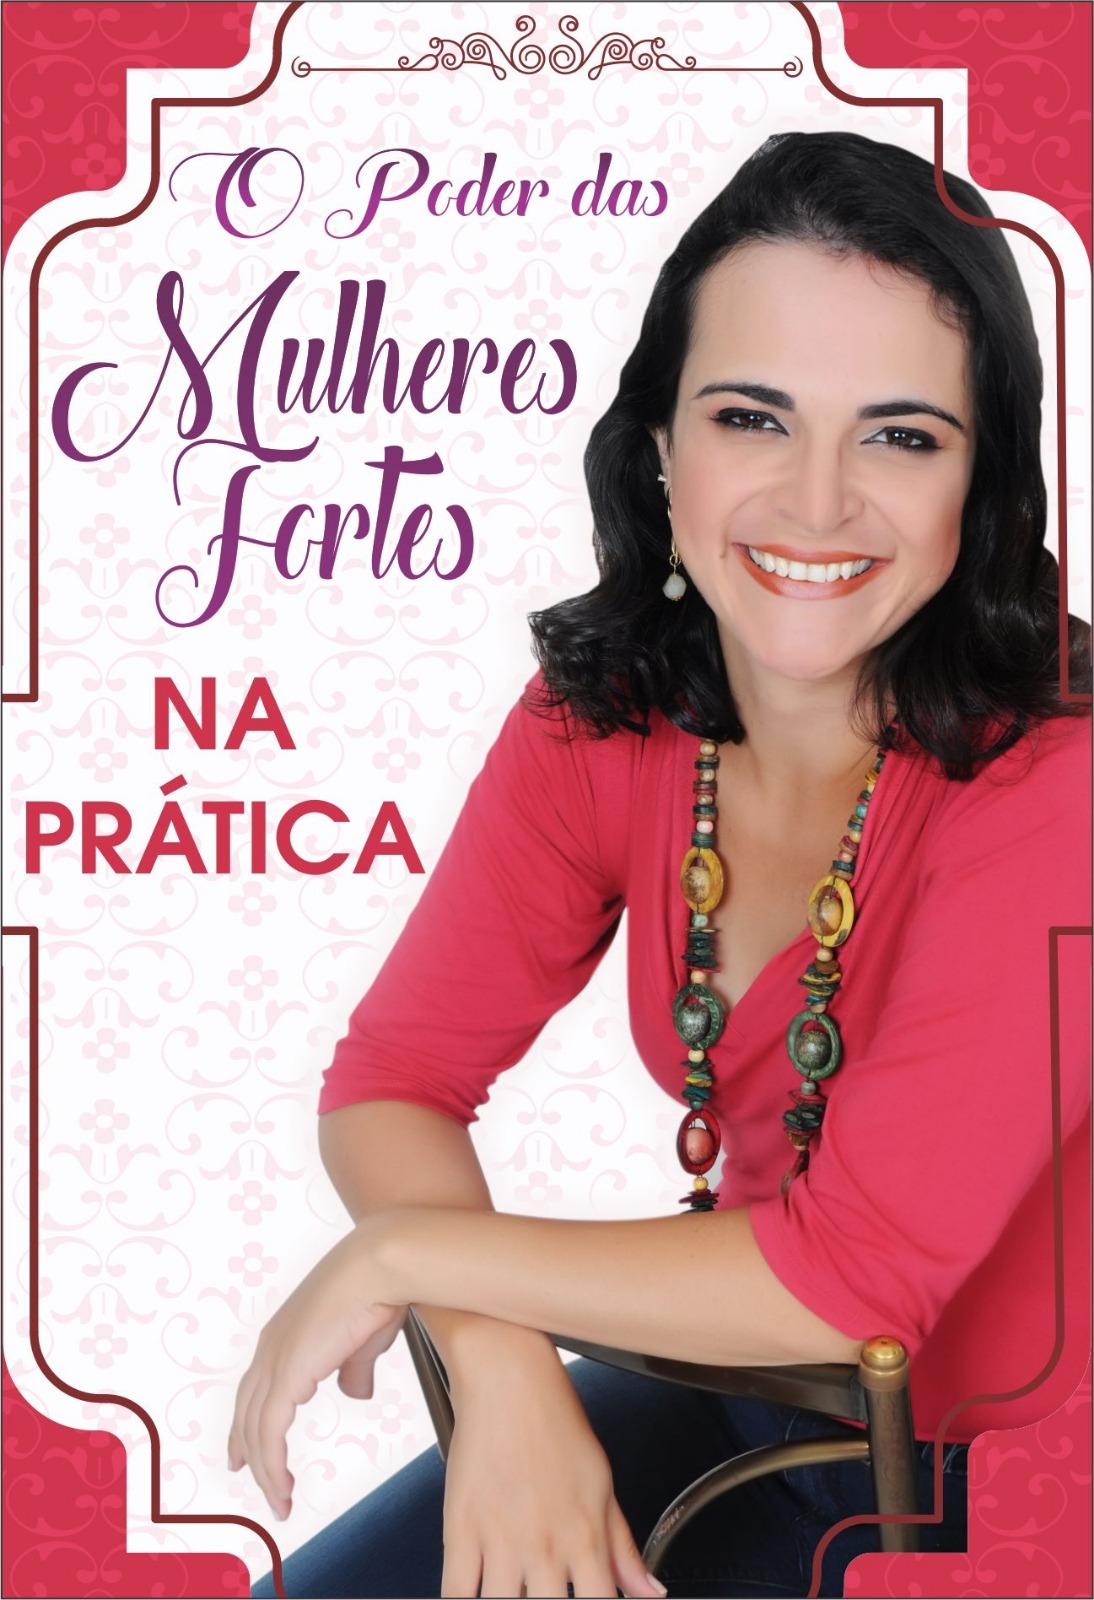 CURSO ON LINE: O PODER DAS MULHERES FORTES, NA PRÁTICA